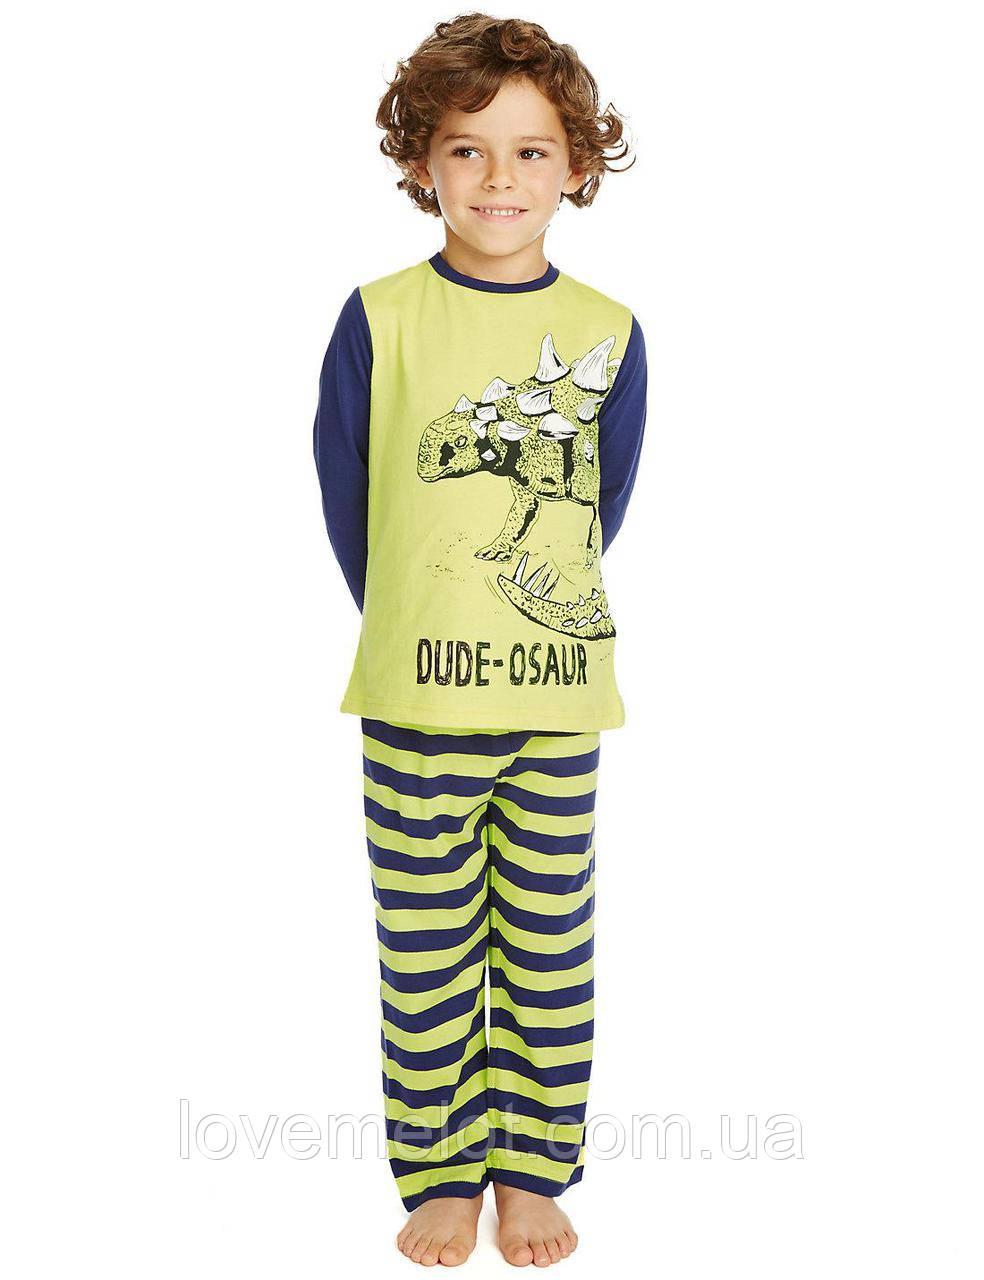 """Пижама Marks&Spencer """"Дудезавр"""" для мальчиков, размер 98 см"""